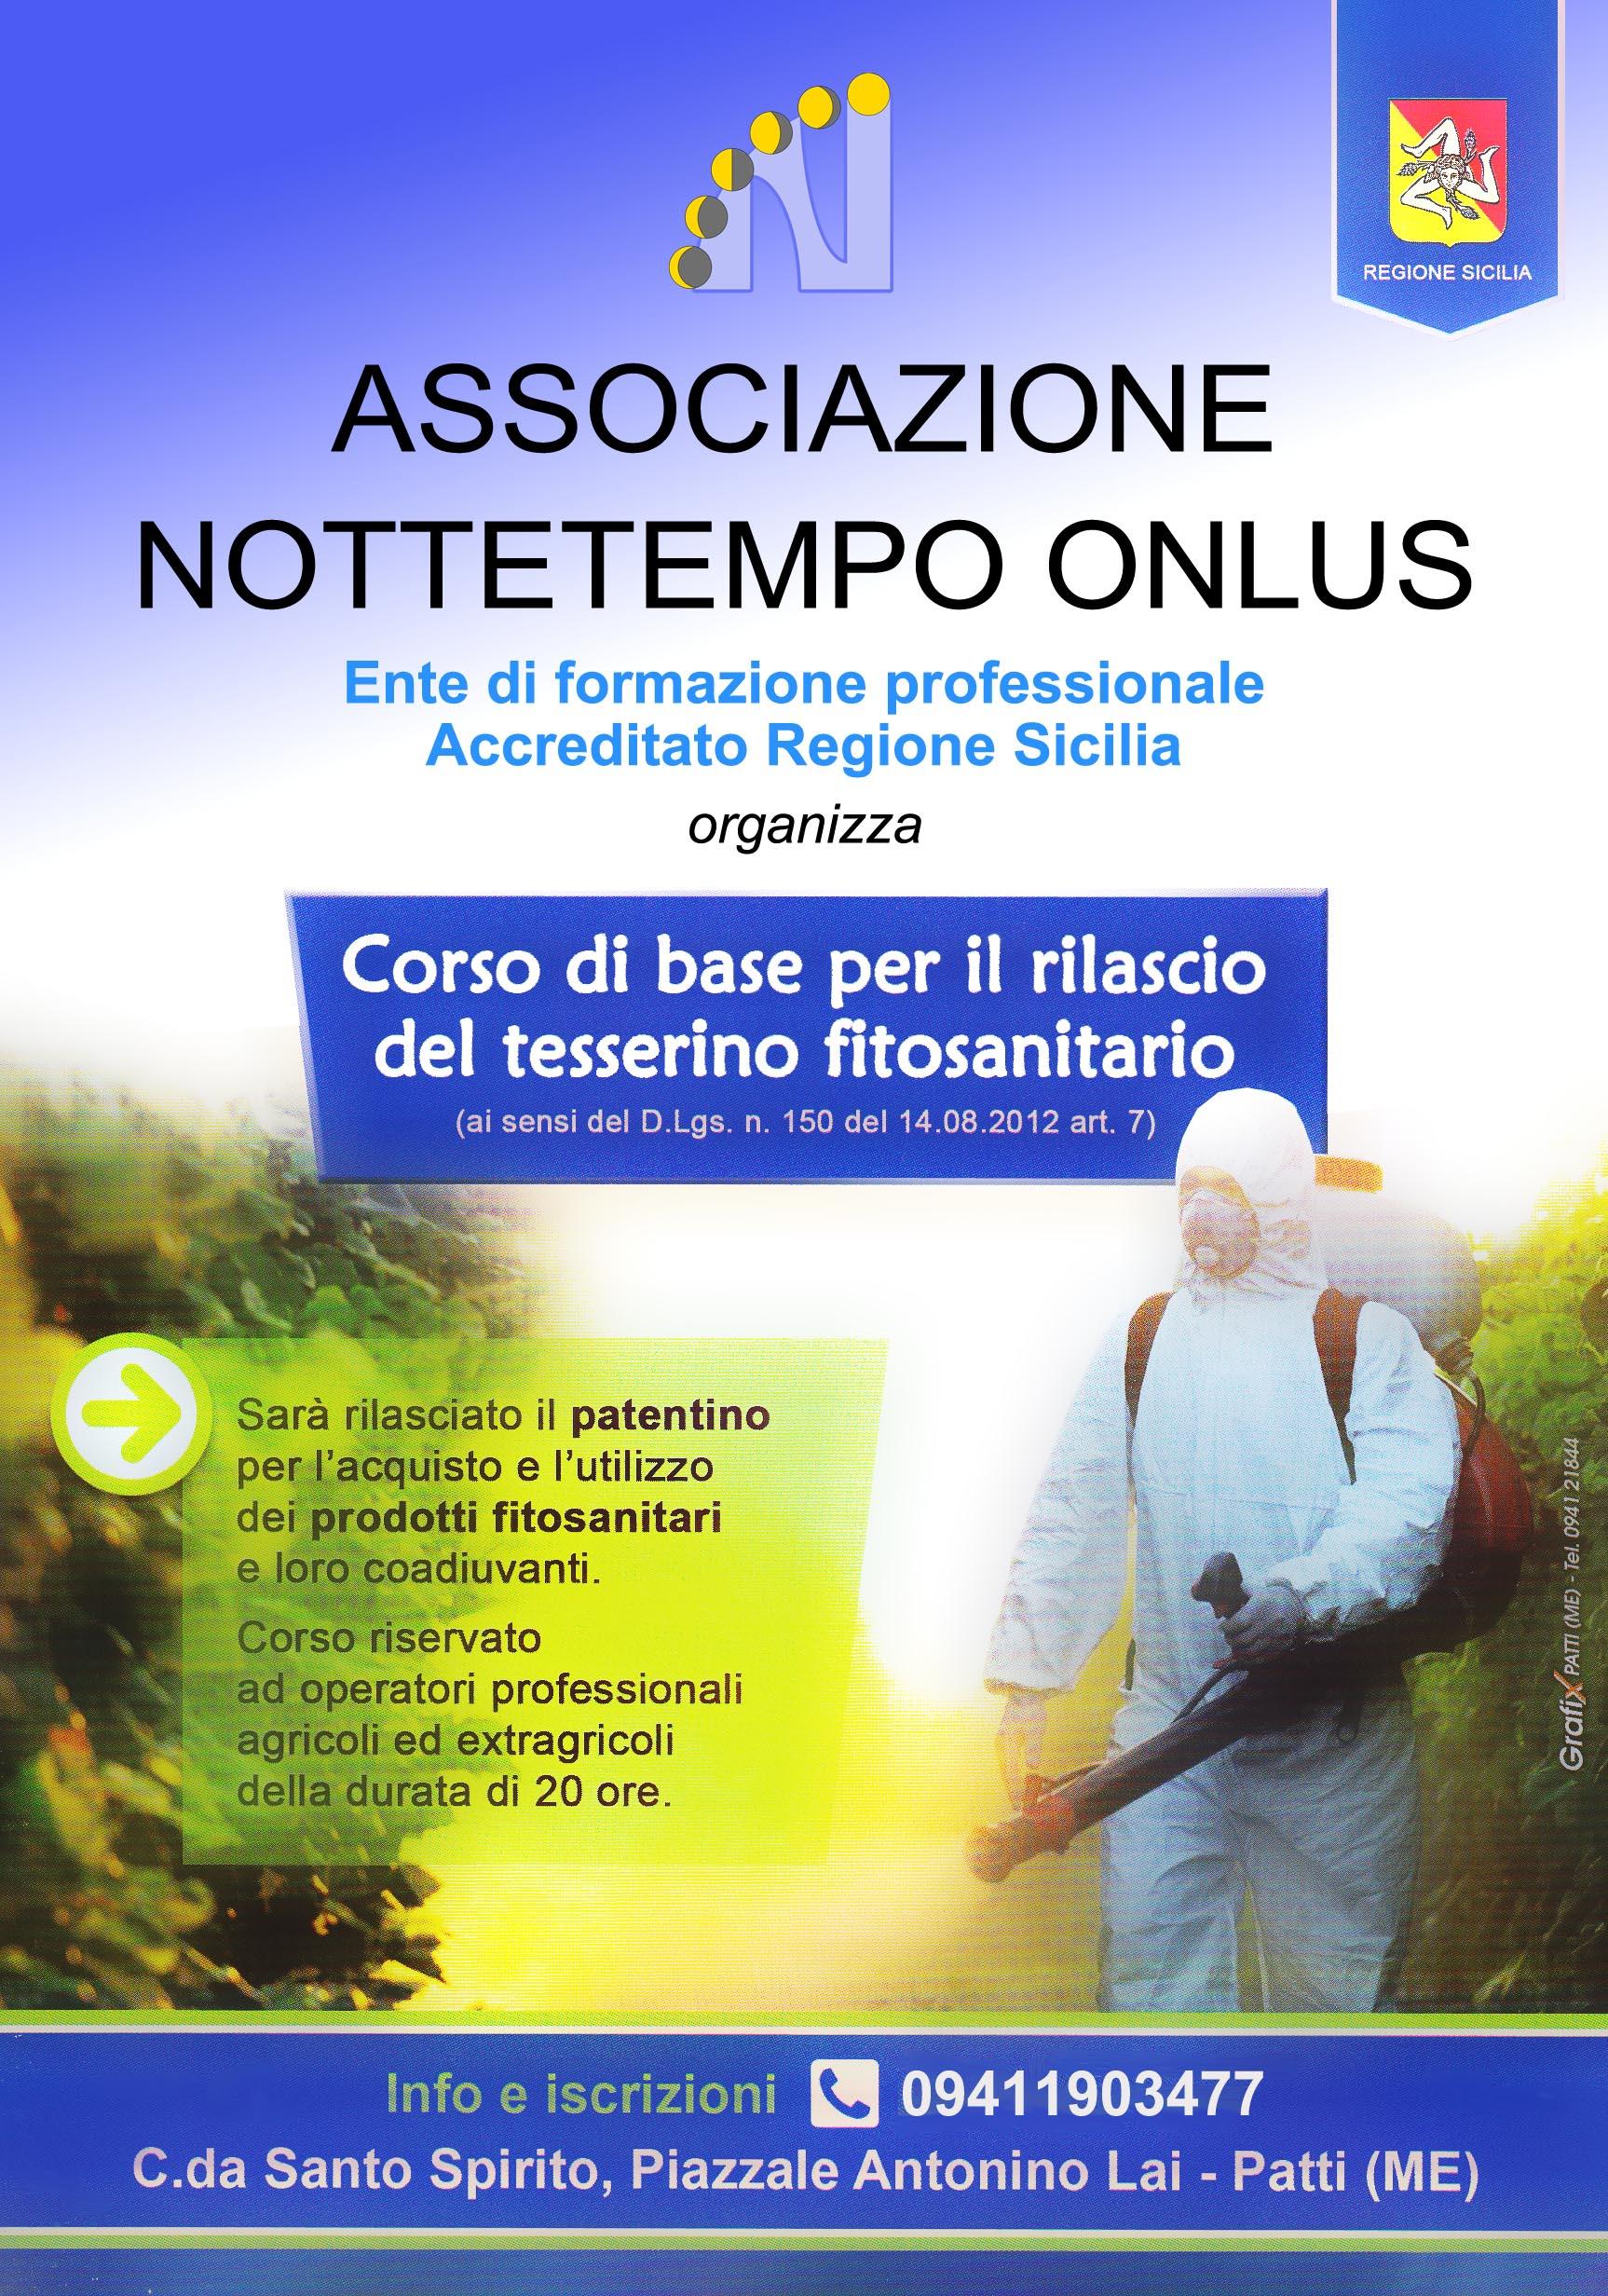 Corso di base per il rilascio del tesserino fitosanitario